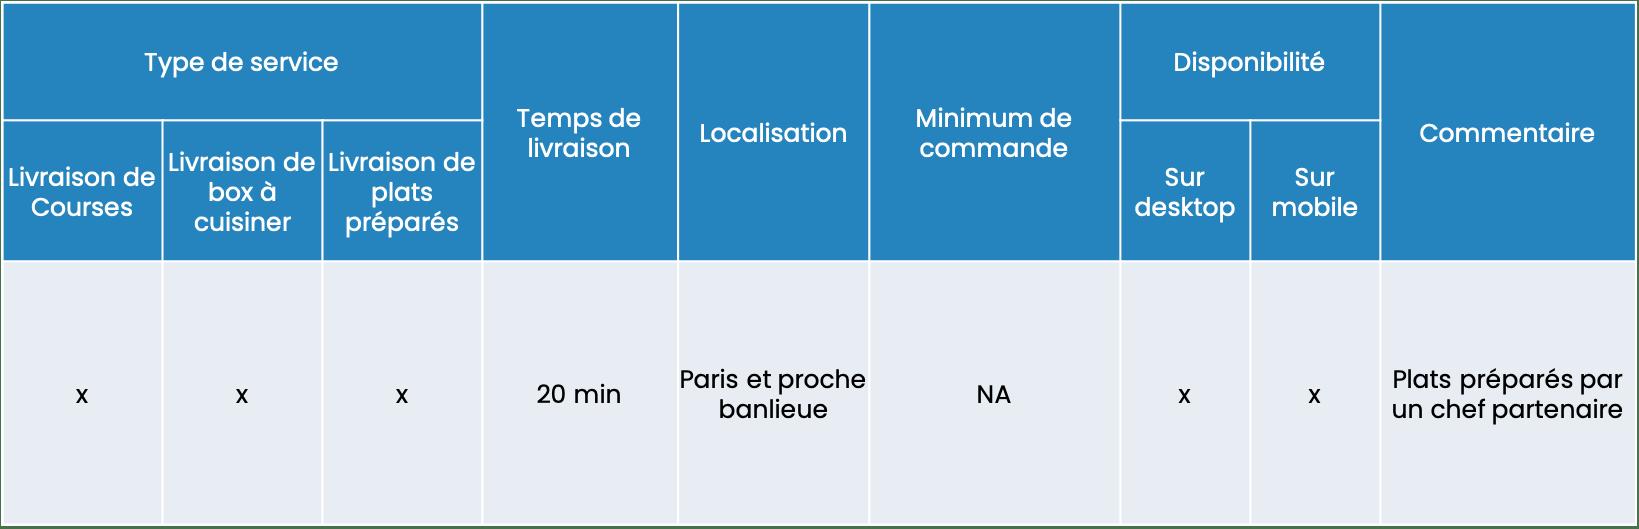 Benchmark des services e-food